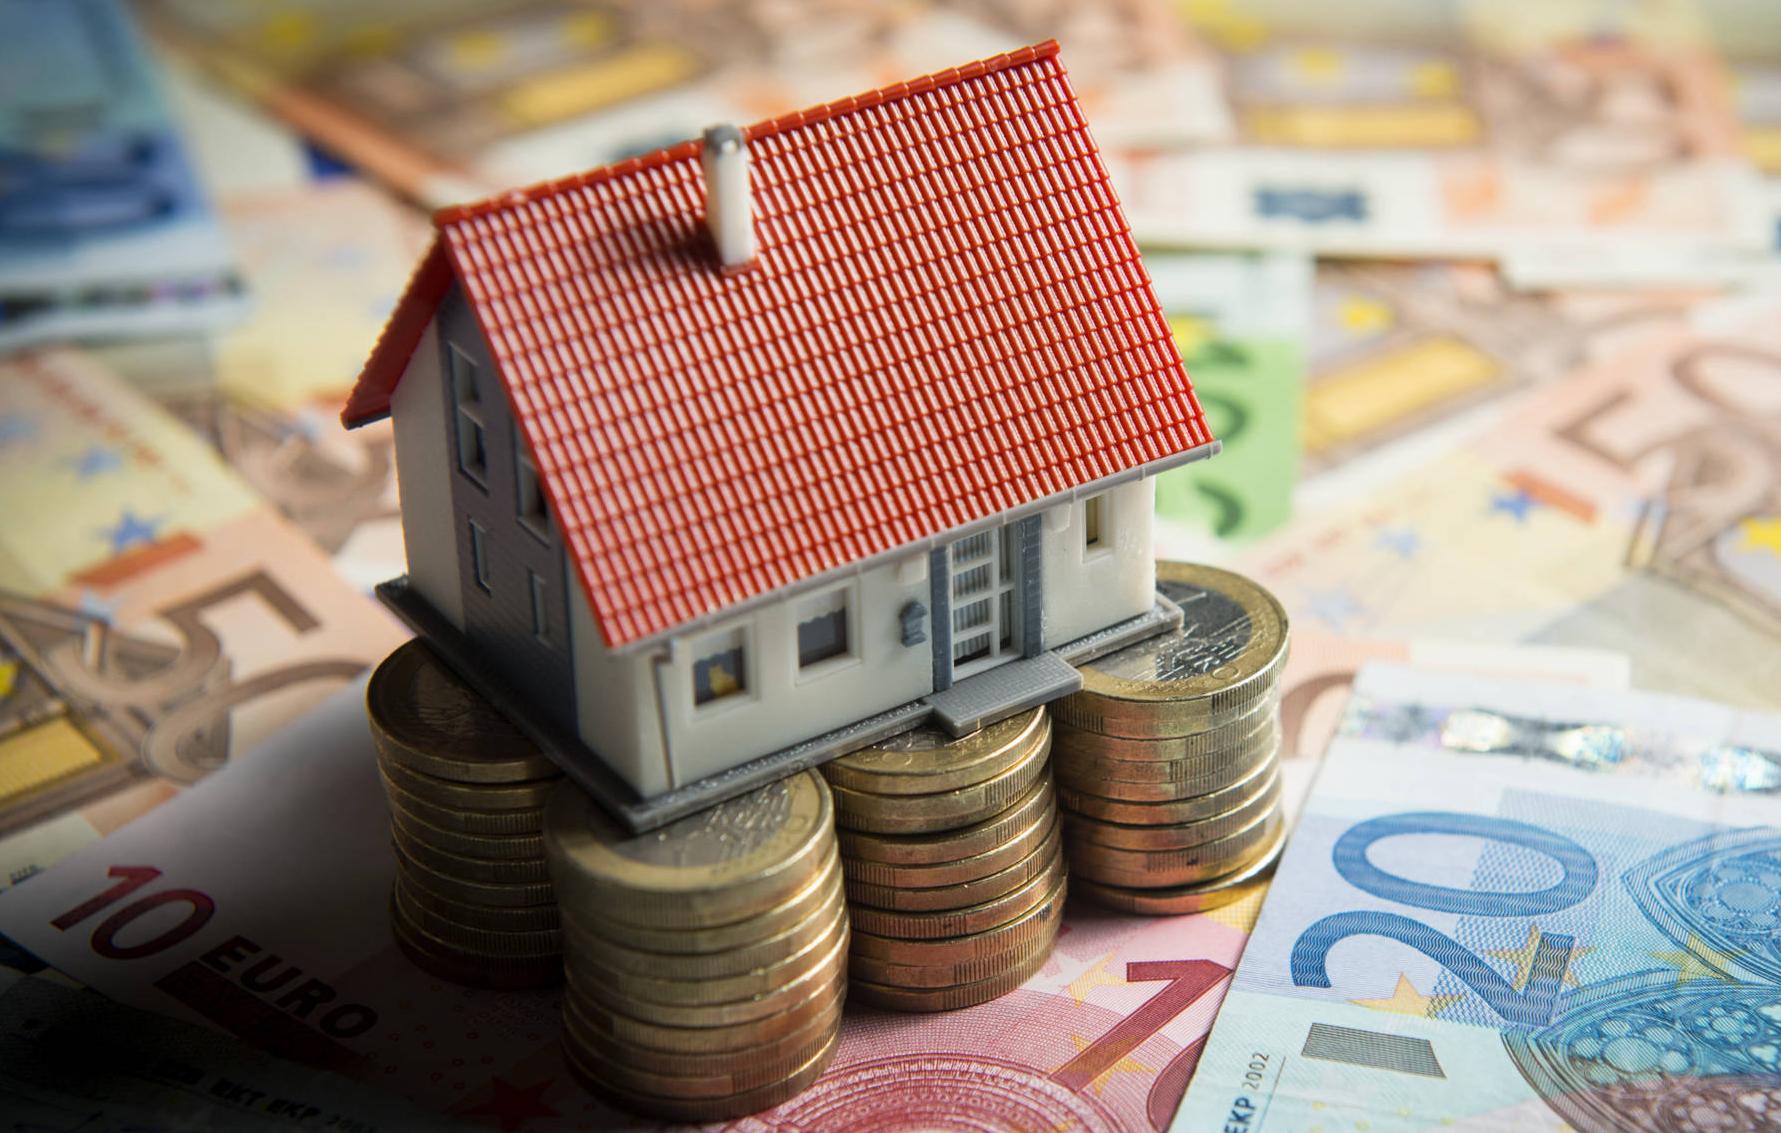 Возможность отсрочки выплат по ипотеке в связи с кризисом, вызванным Covid 19